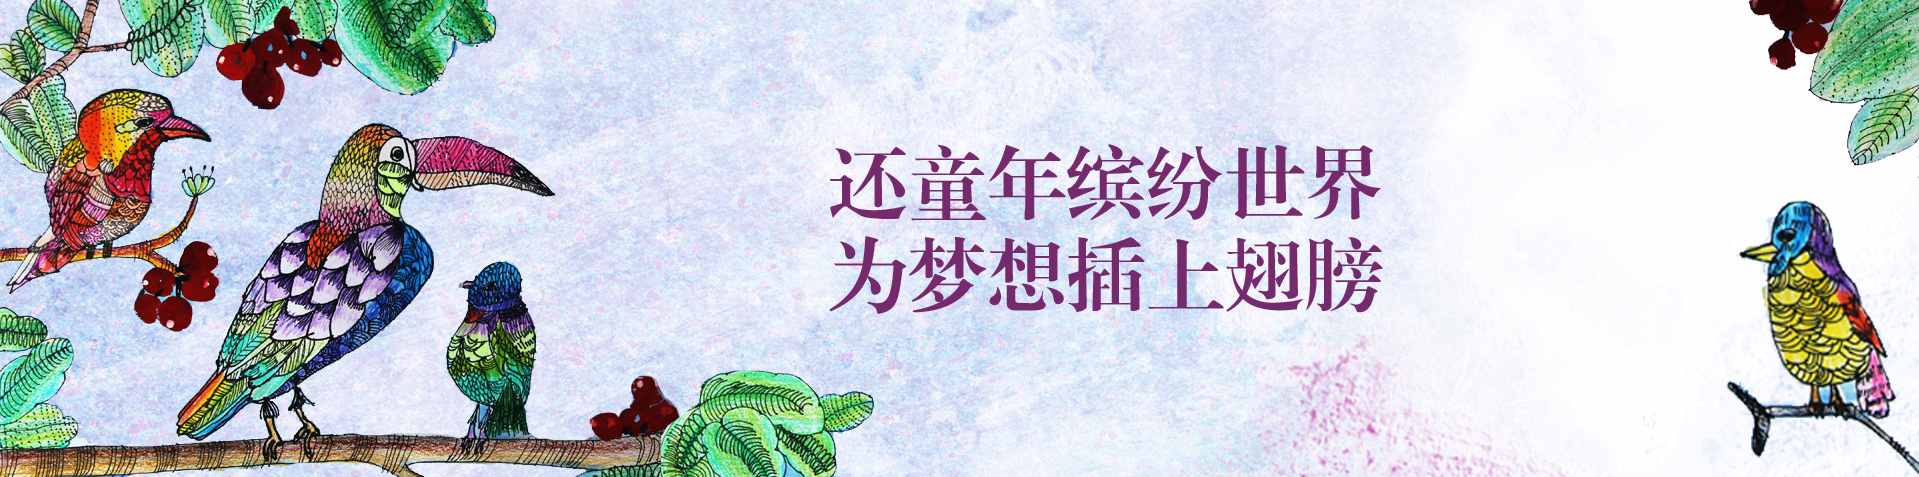 缤纷鸟美术教育贵州贵阳校区